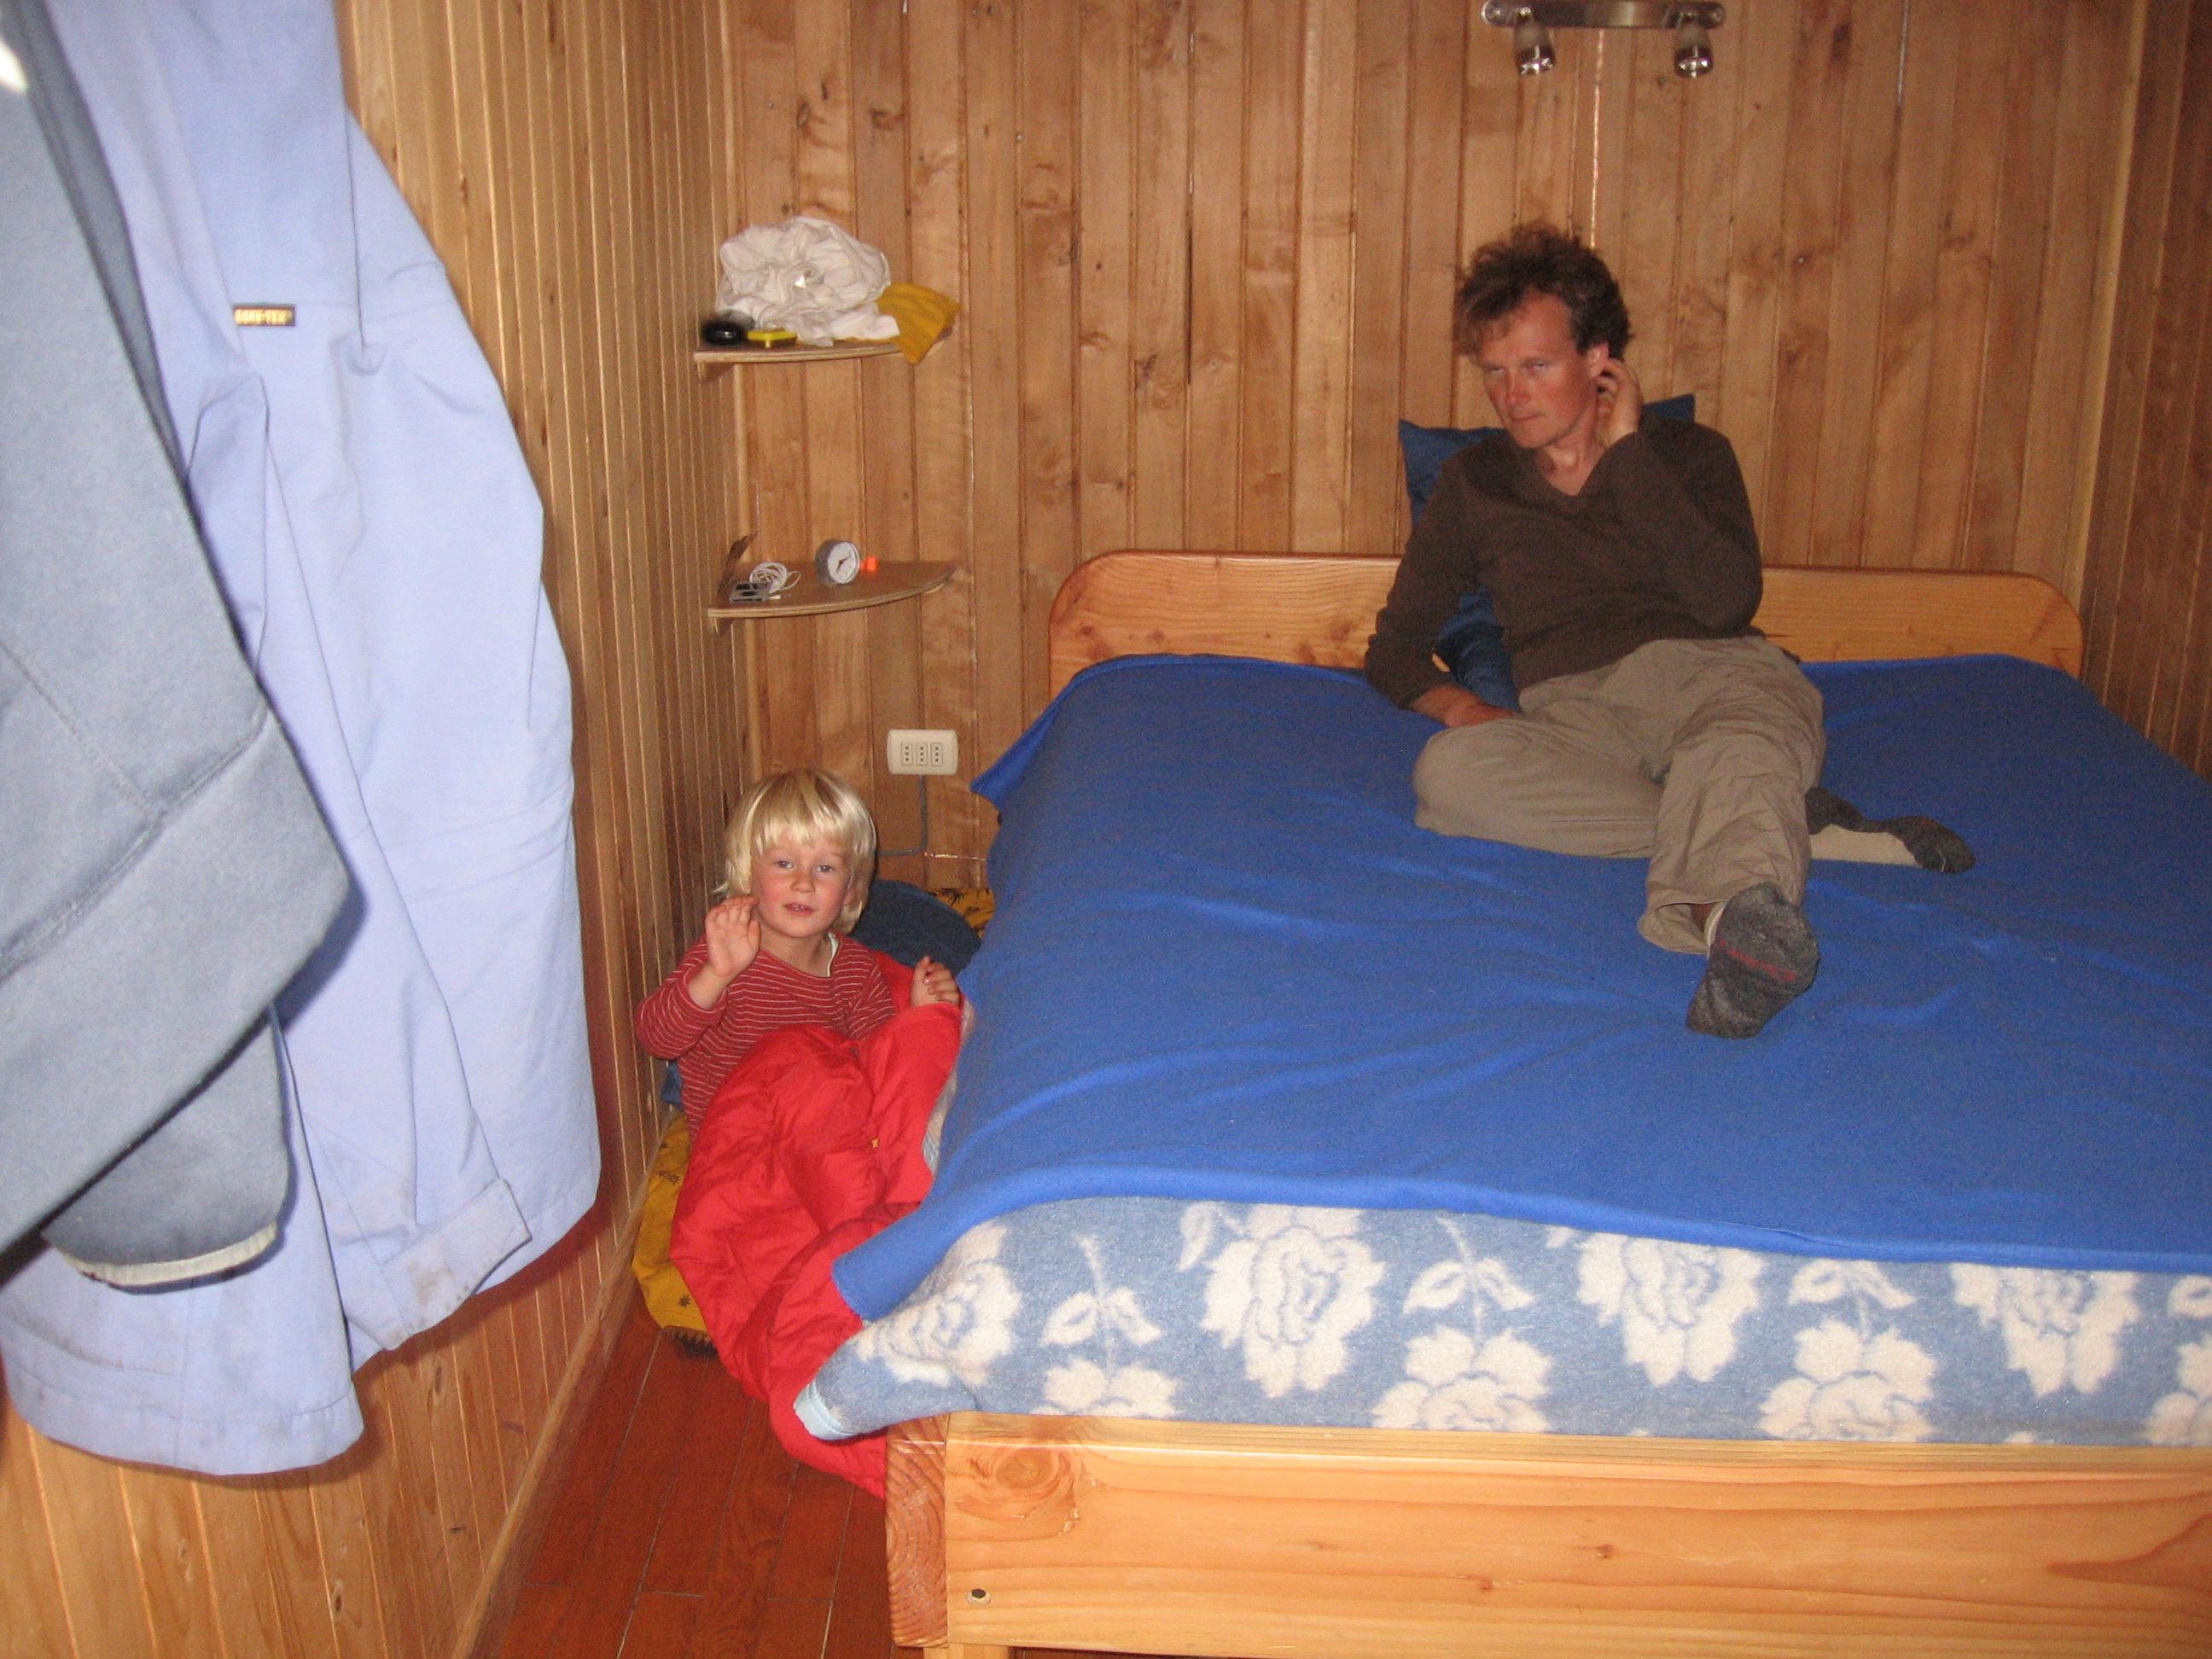 Een levend wezen van 3000 jaar oud the chili paper - Slaapkamer meisje jaar oud ...